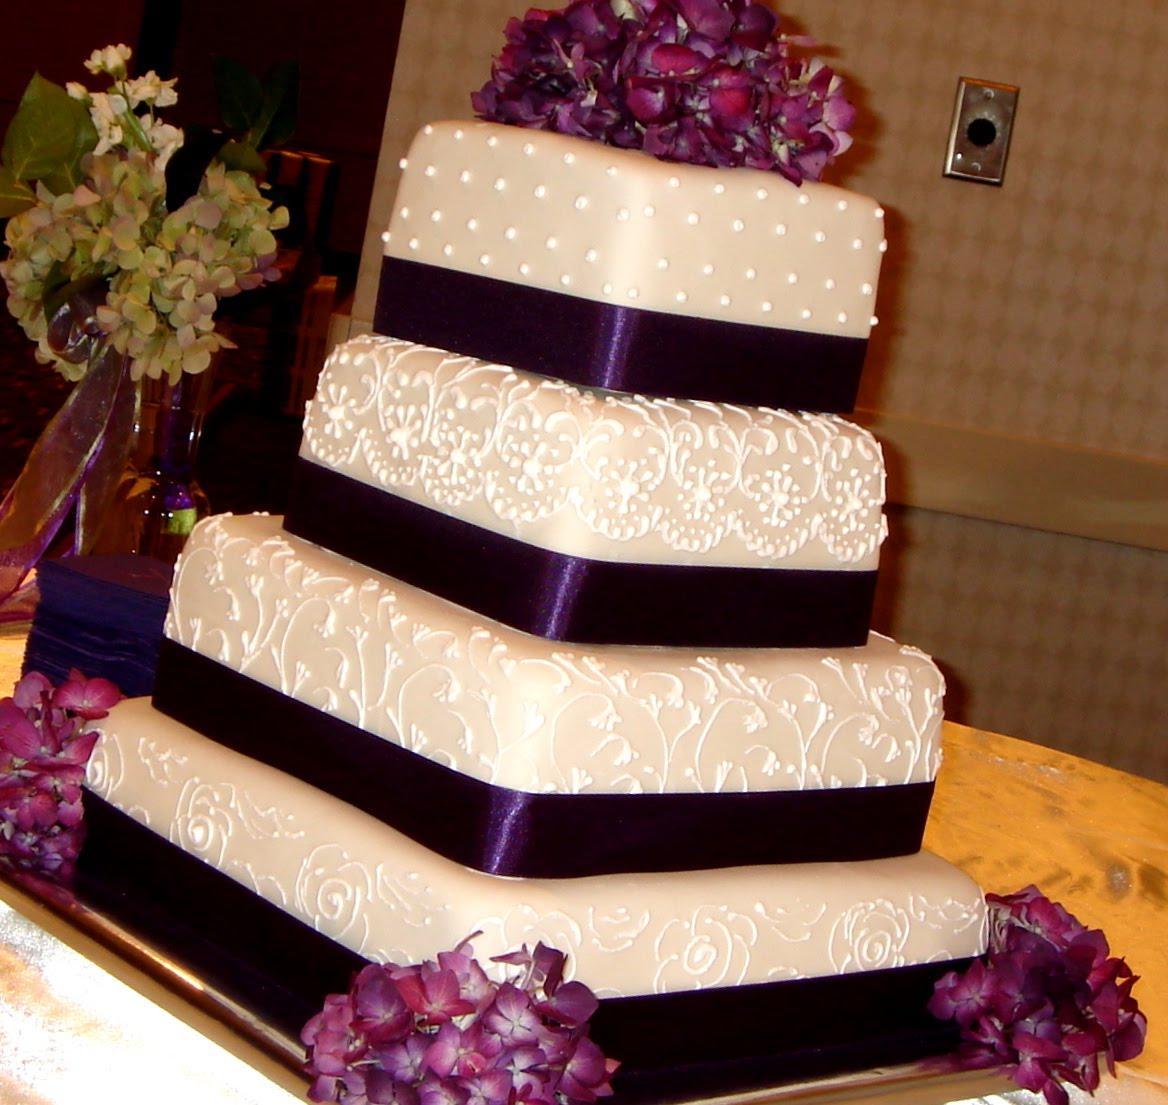 Hundreds of great wedding cake